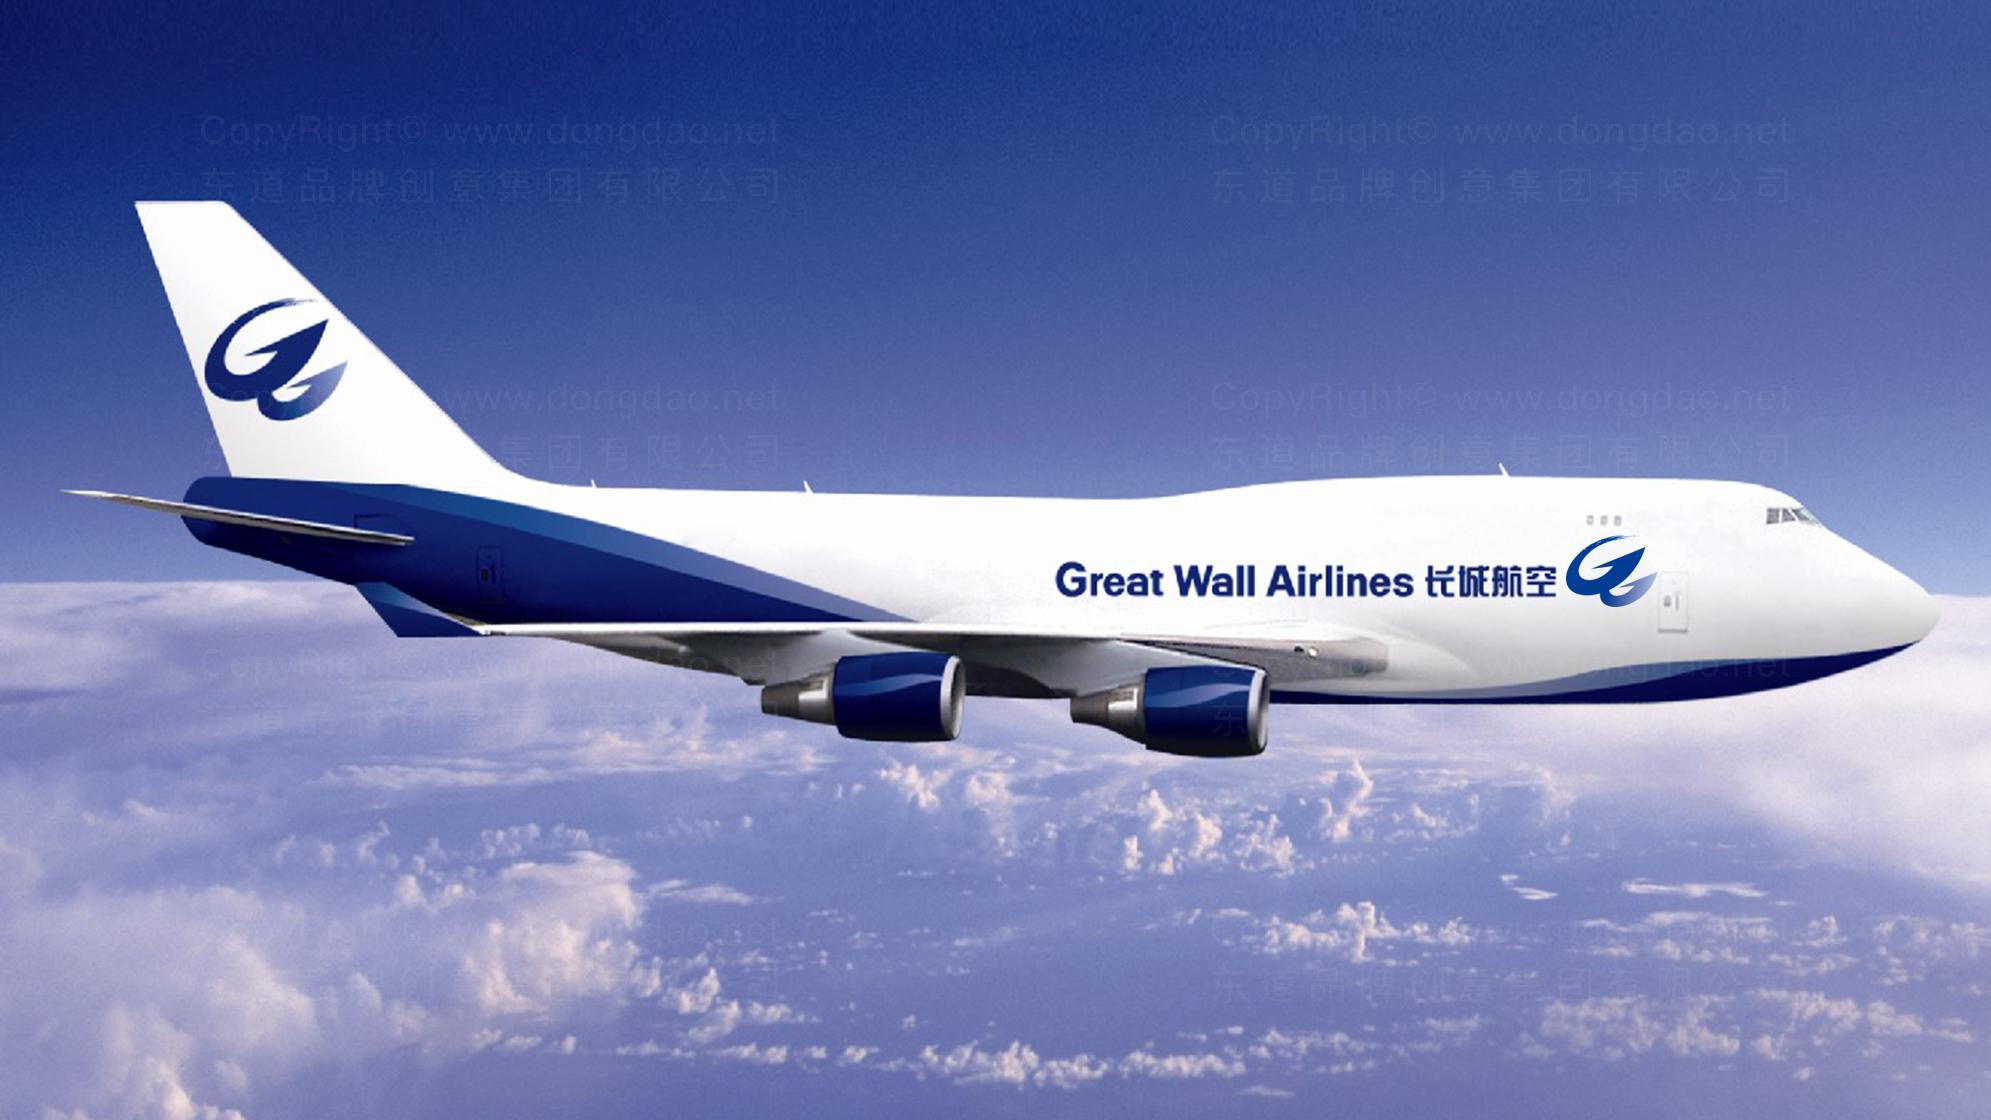 品牌设计长城航空LOGO&VI设计应用场景_2